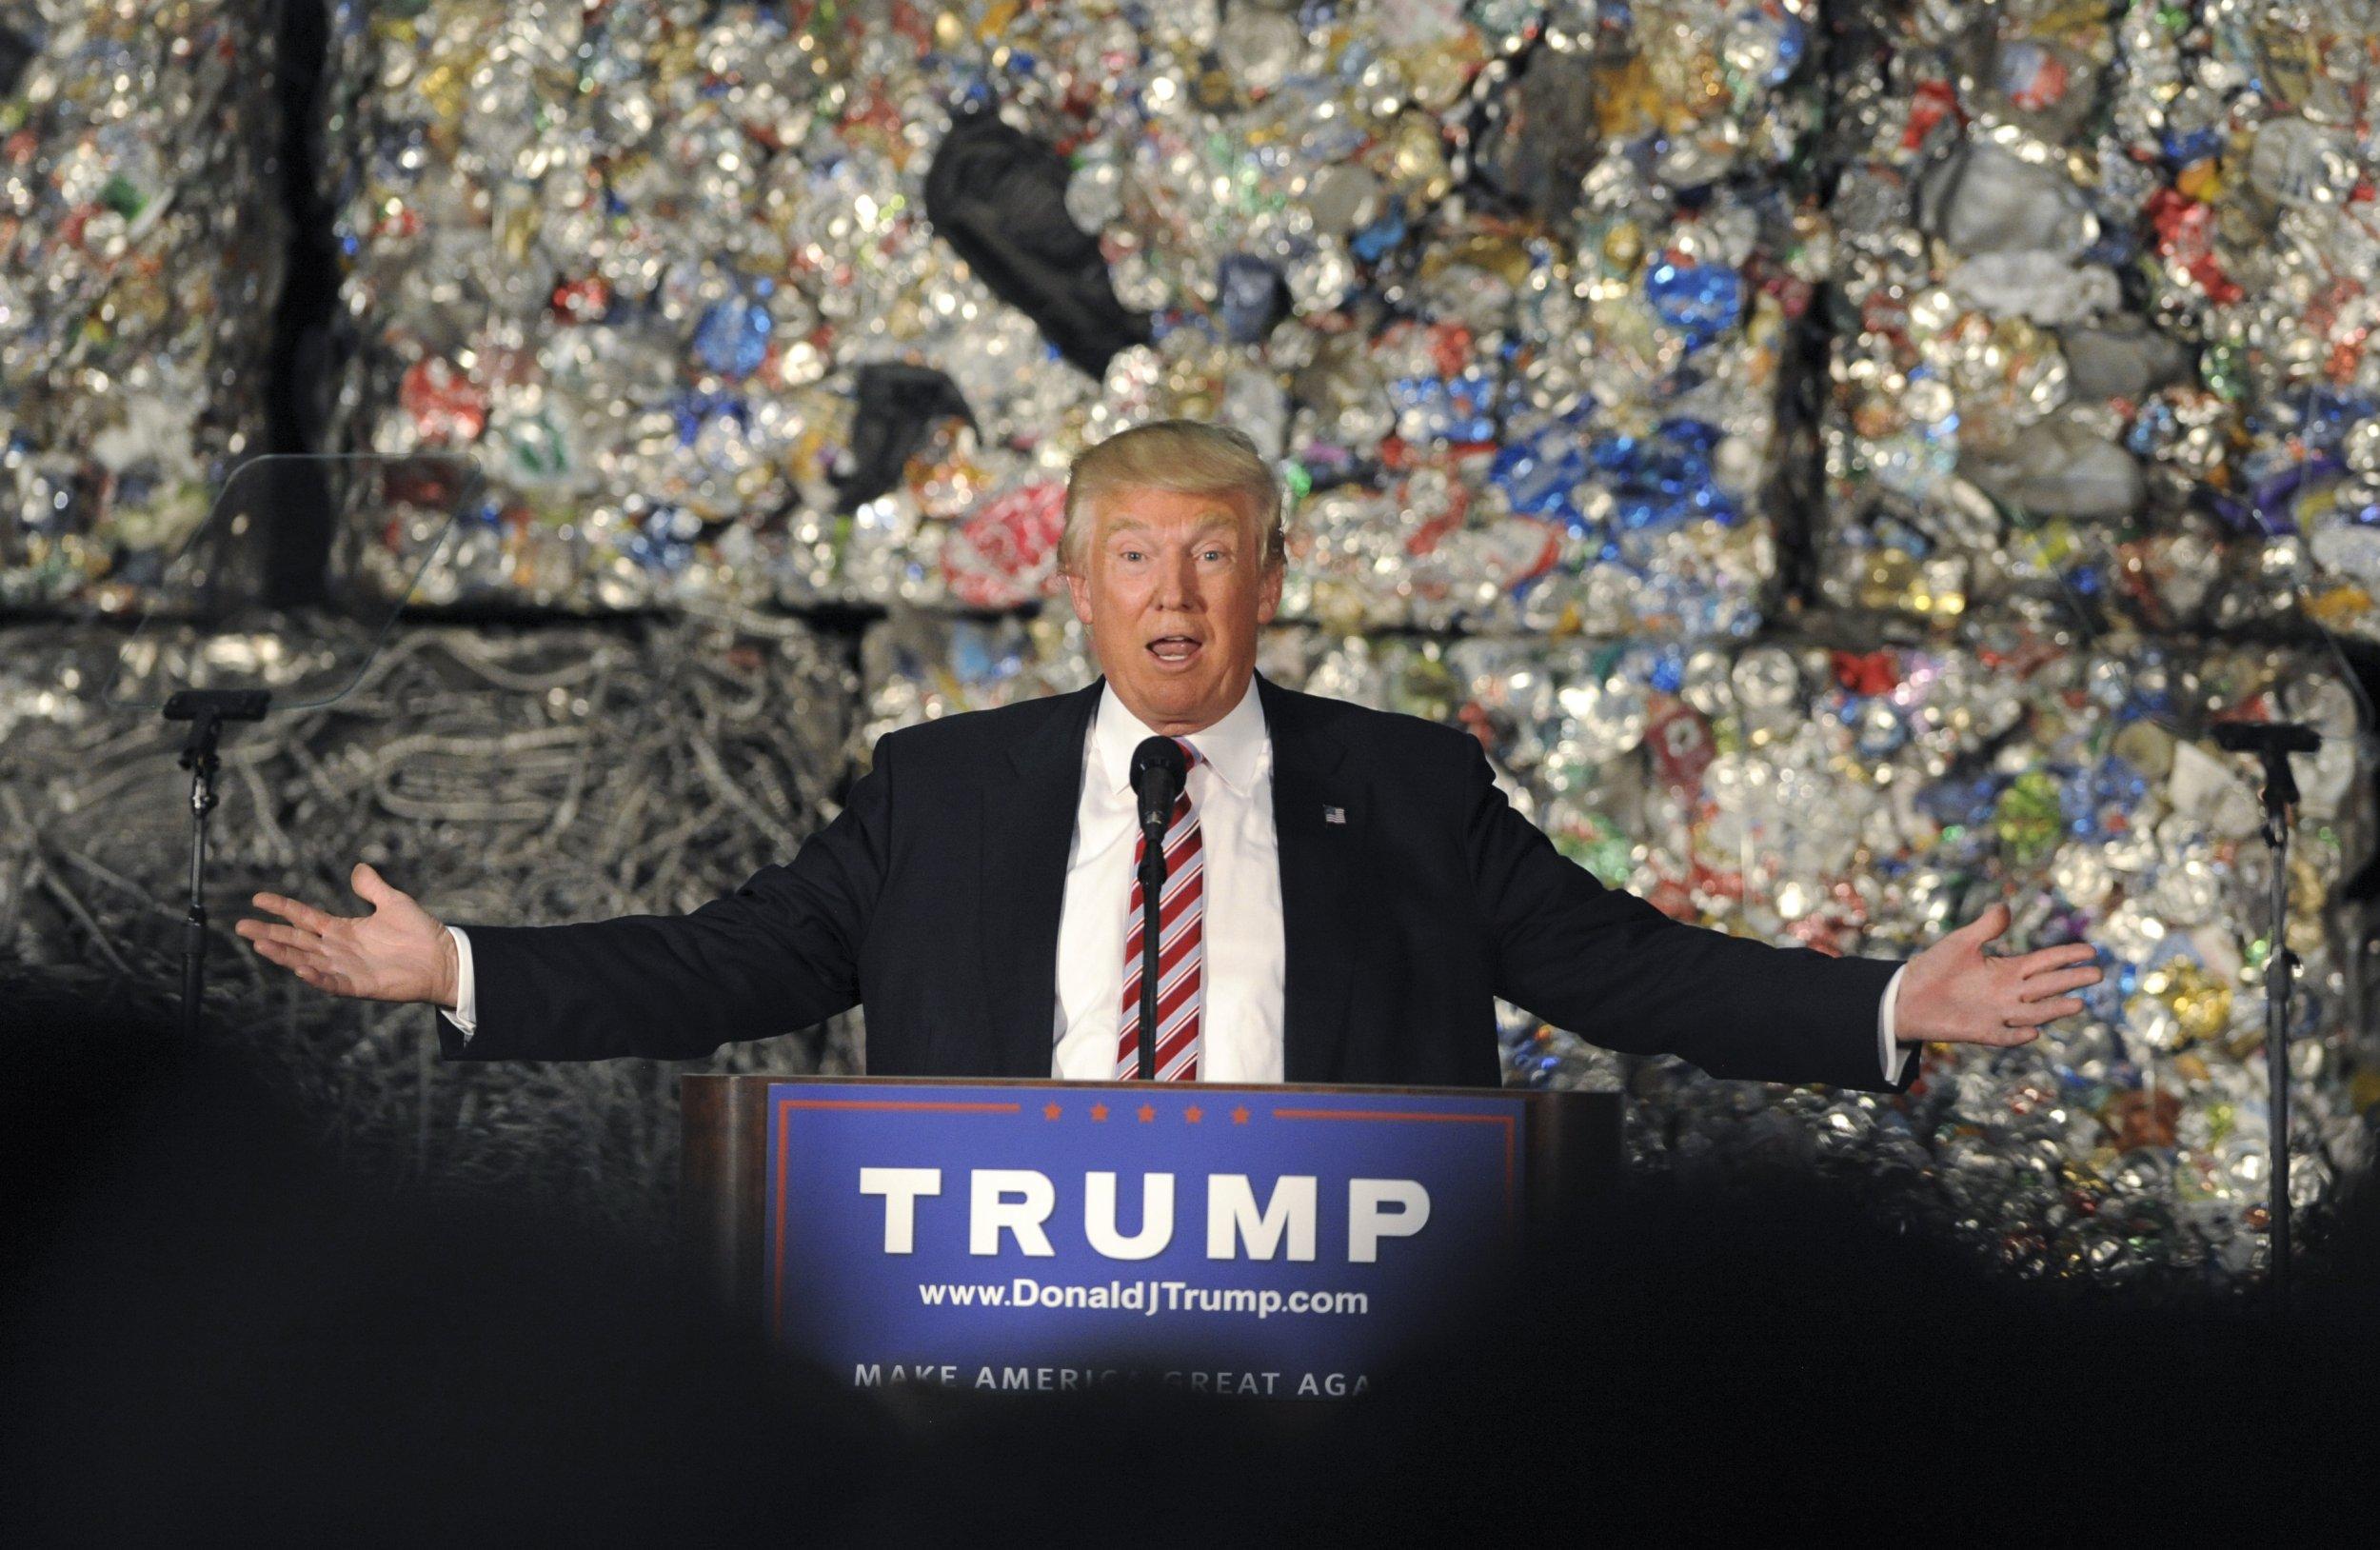 630_Trump_Trade